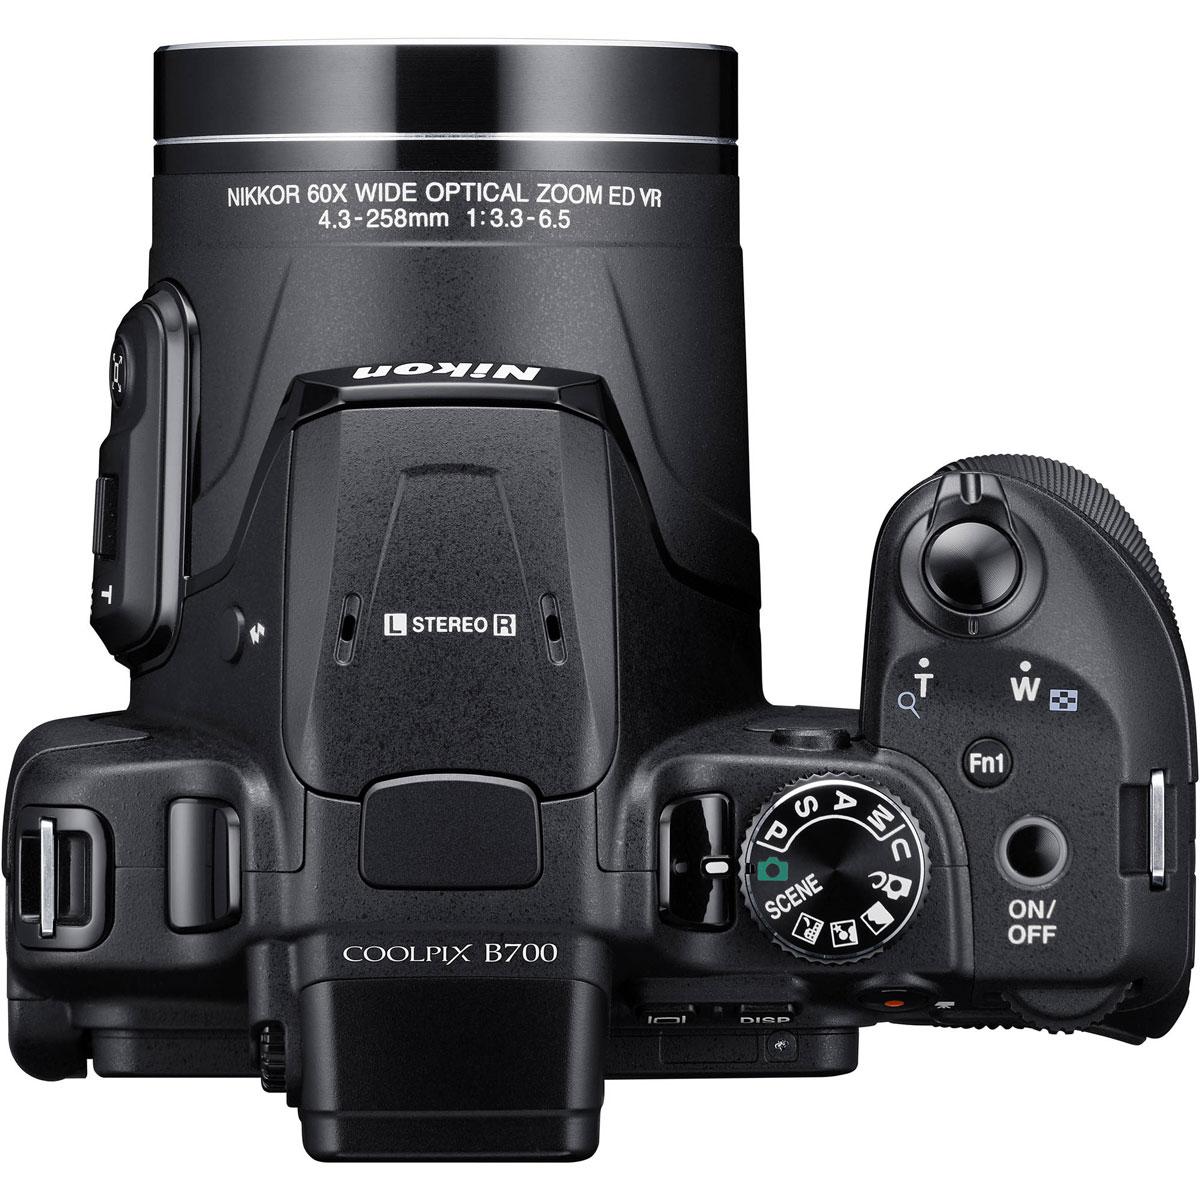 Nikon Coolpix B700, Blackцифровая фотокамера Nikon